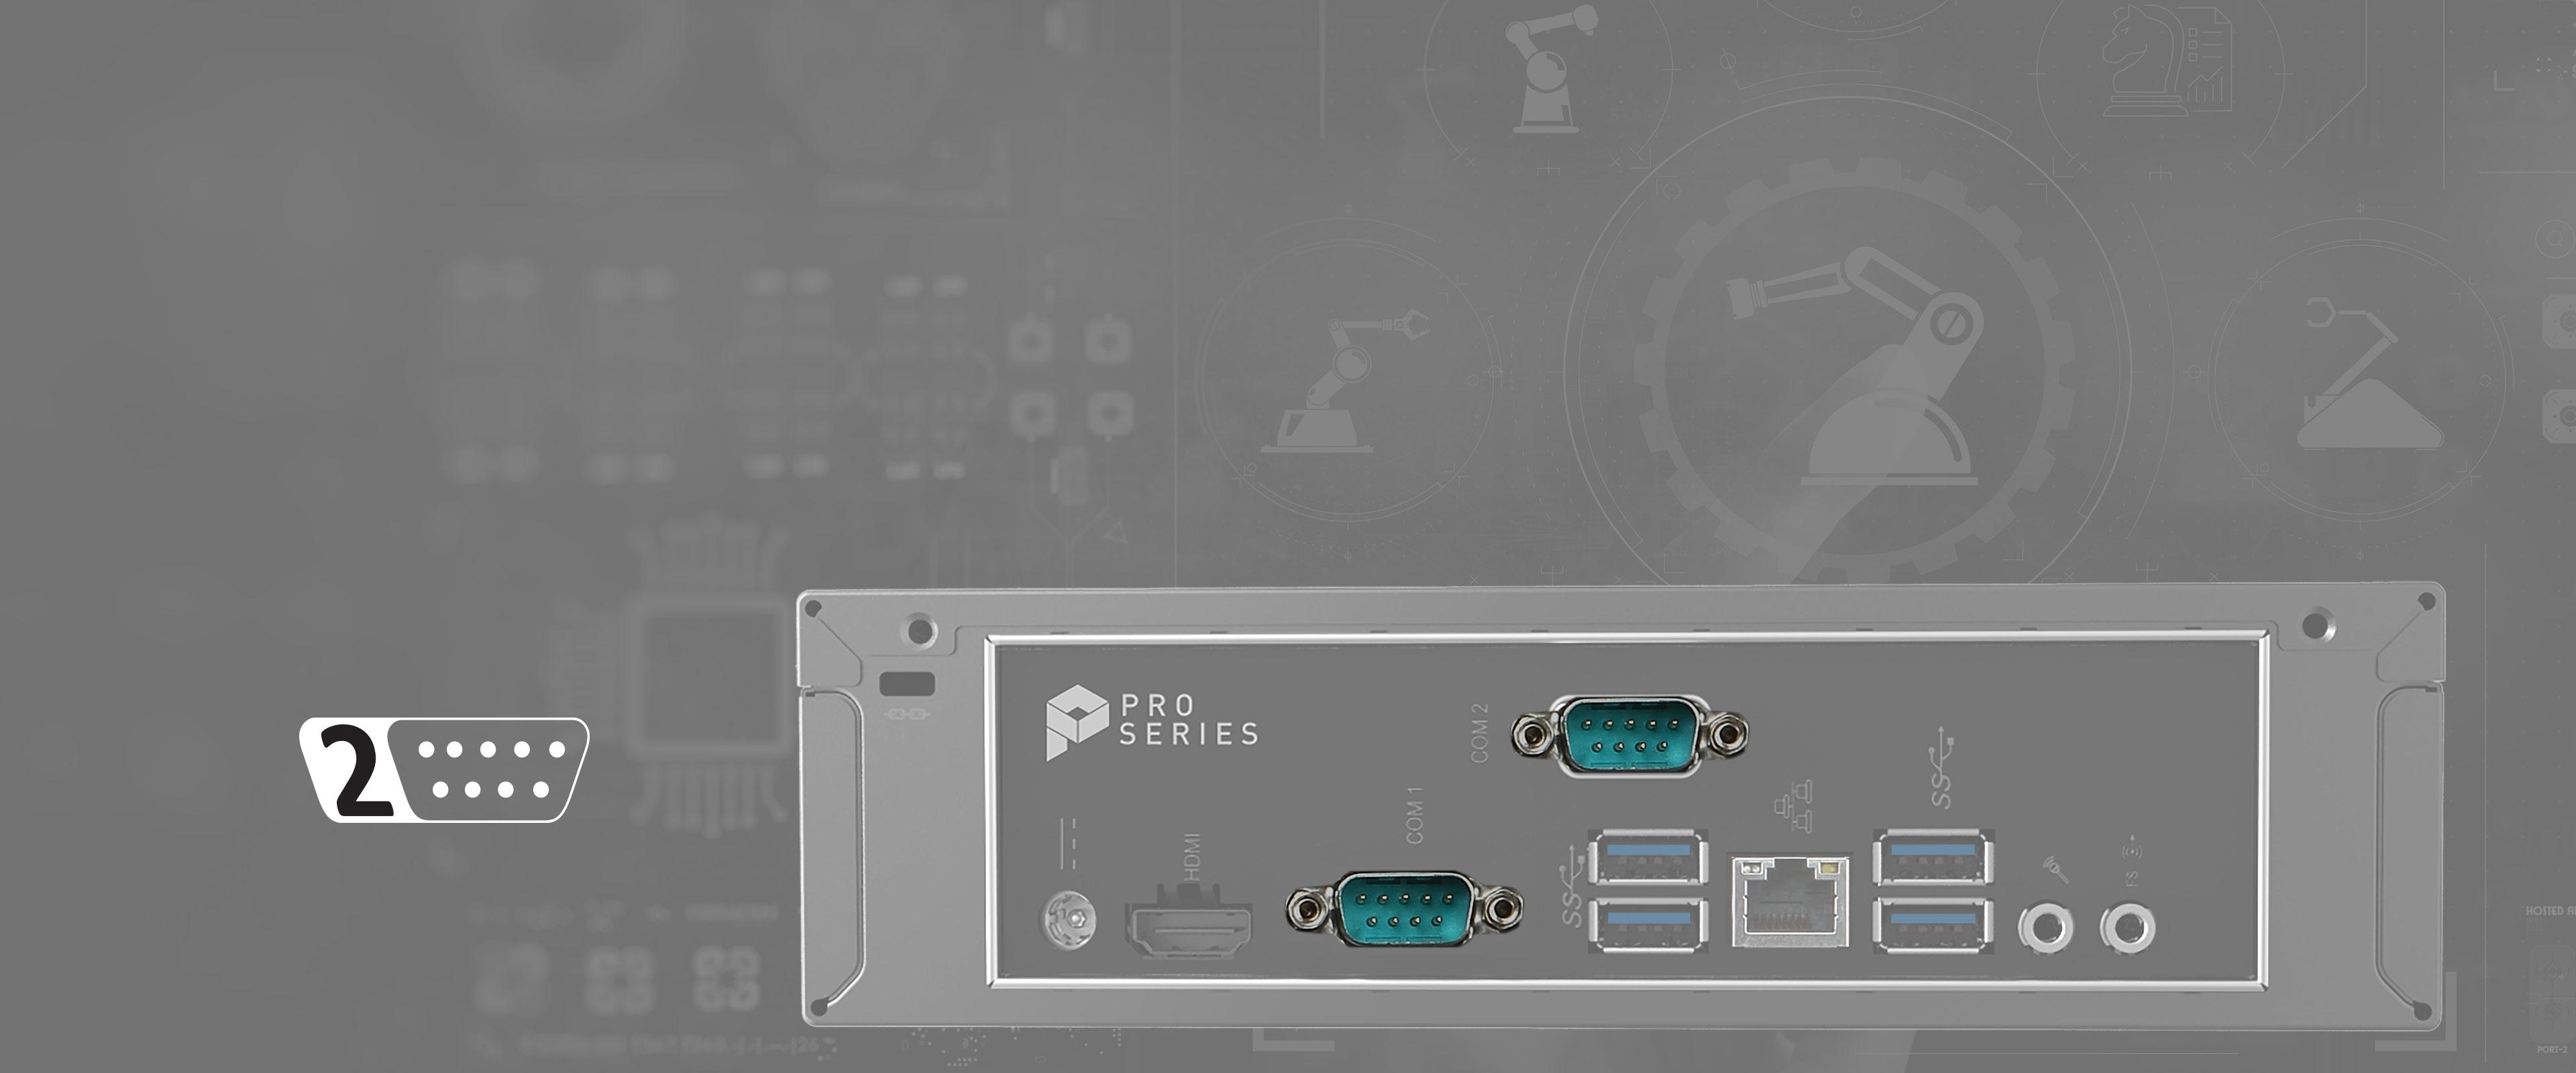 msi meg pro dp12 com port design